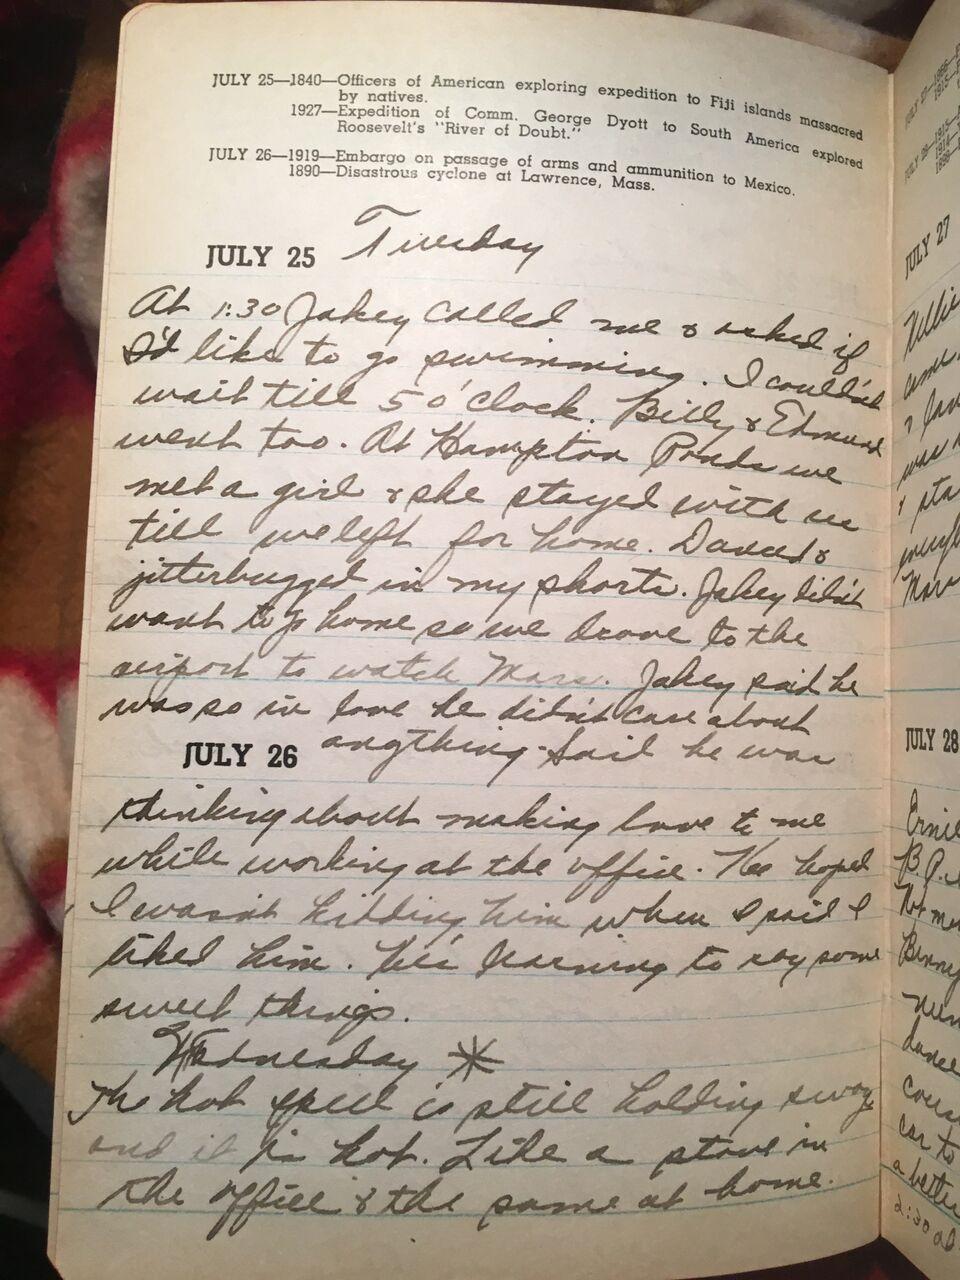 july 25 39